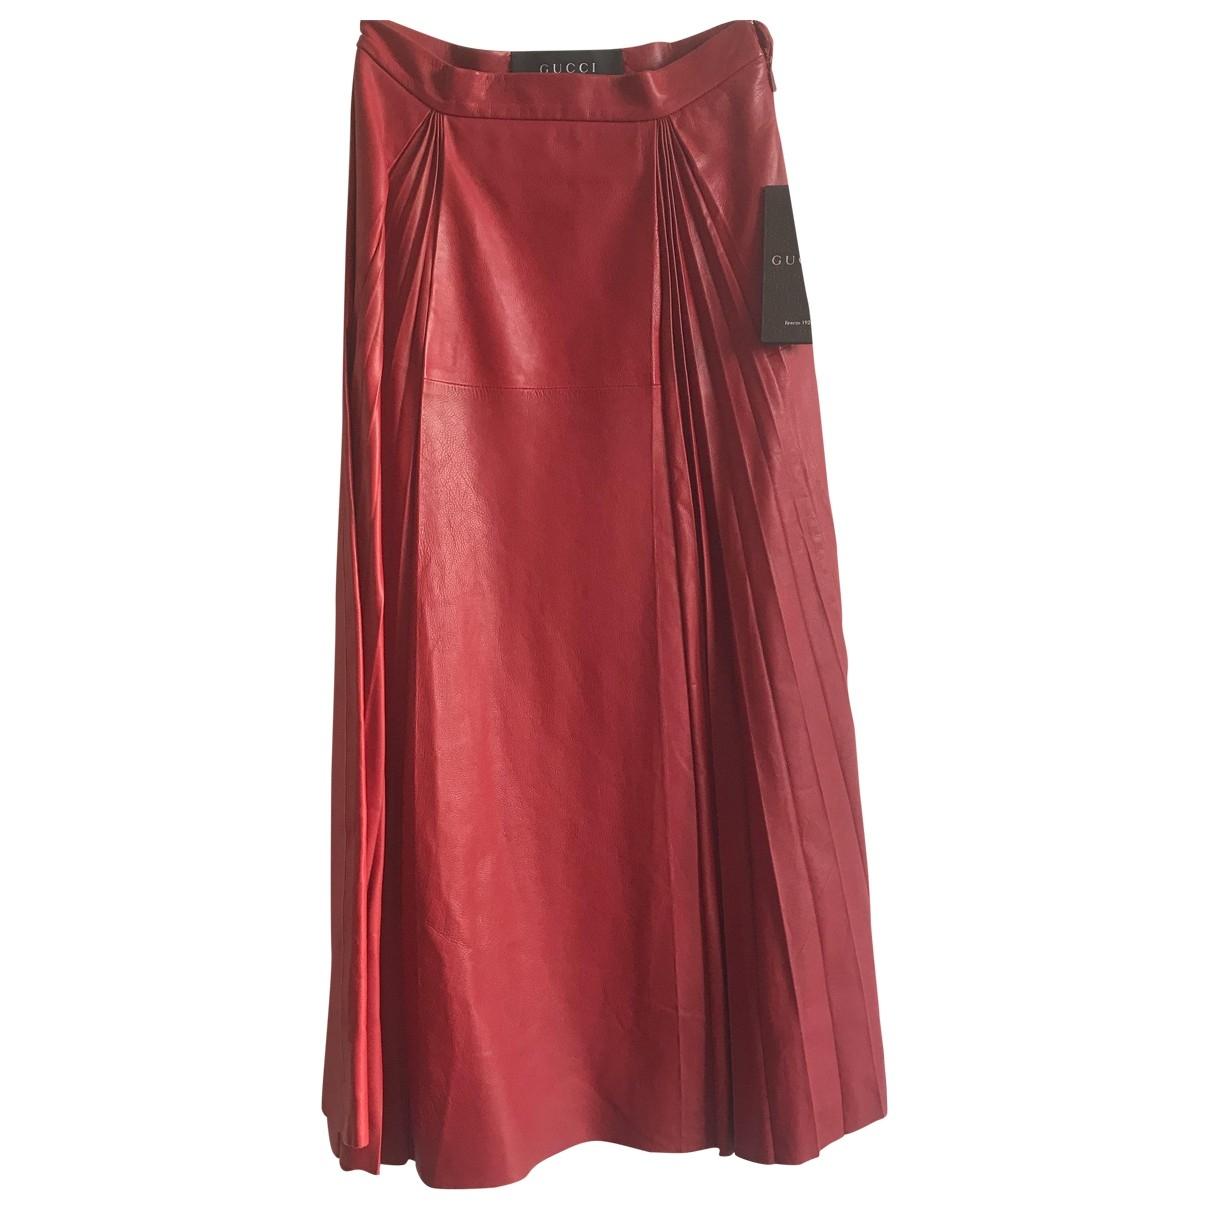 Gucci - Jupe   pour femme en cuir - rouge